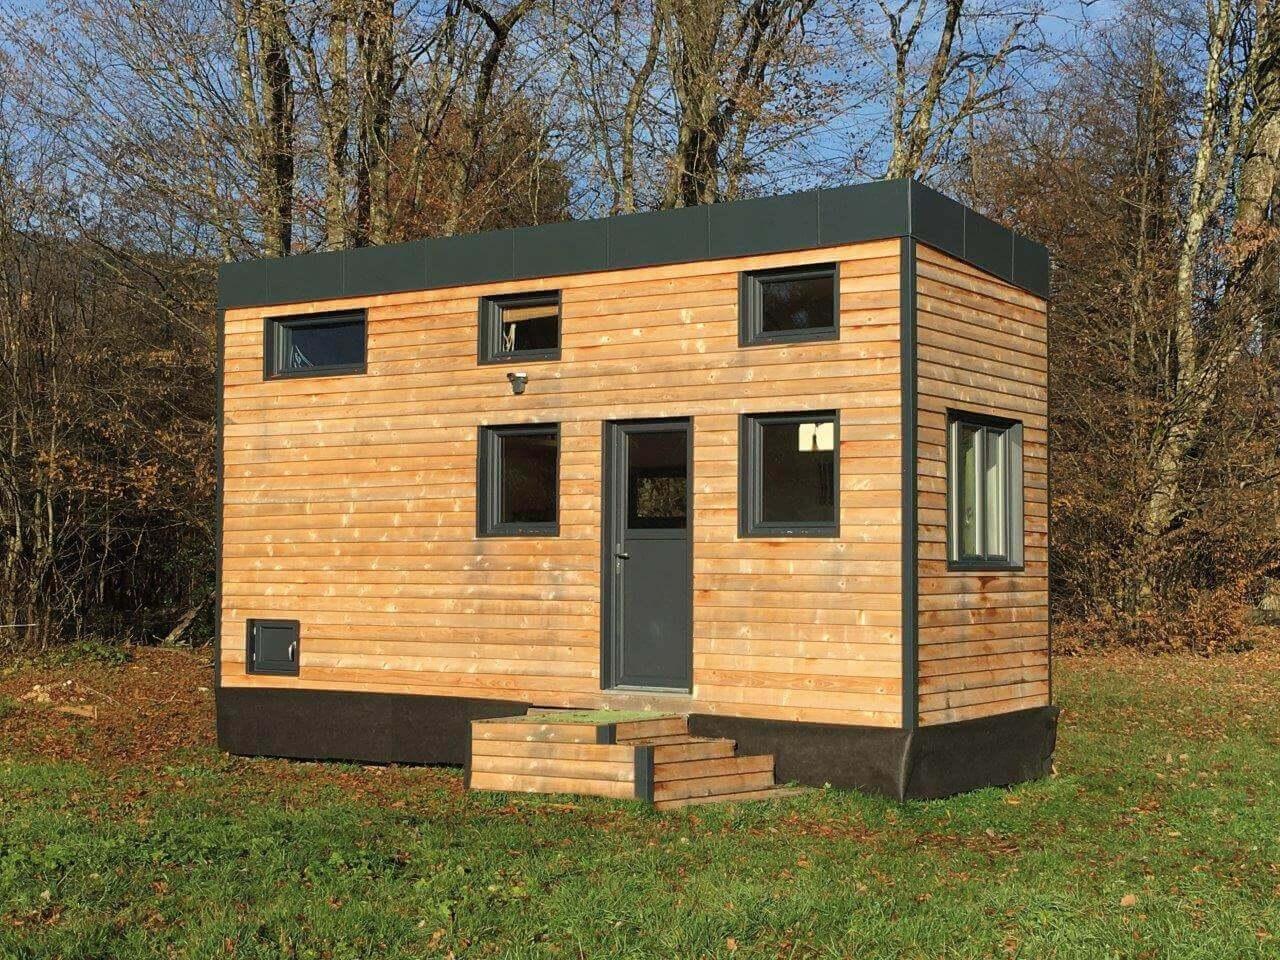 Tiny house en bois vue de l'extérieur dans un champ